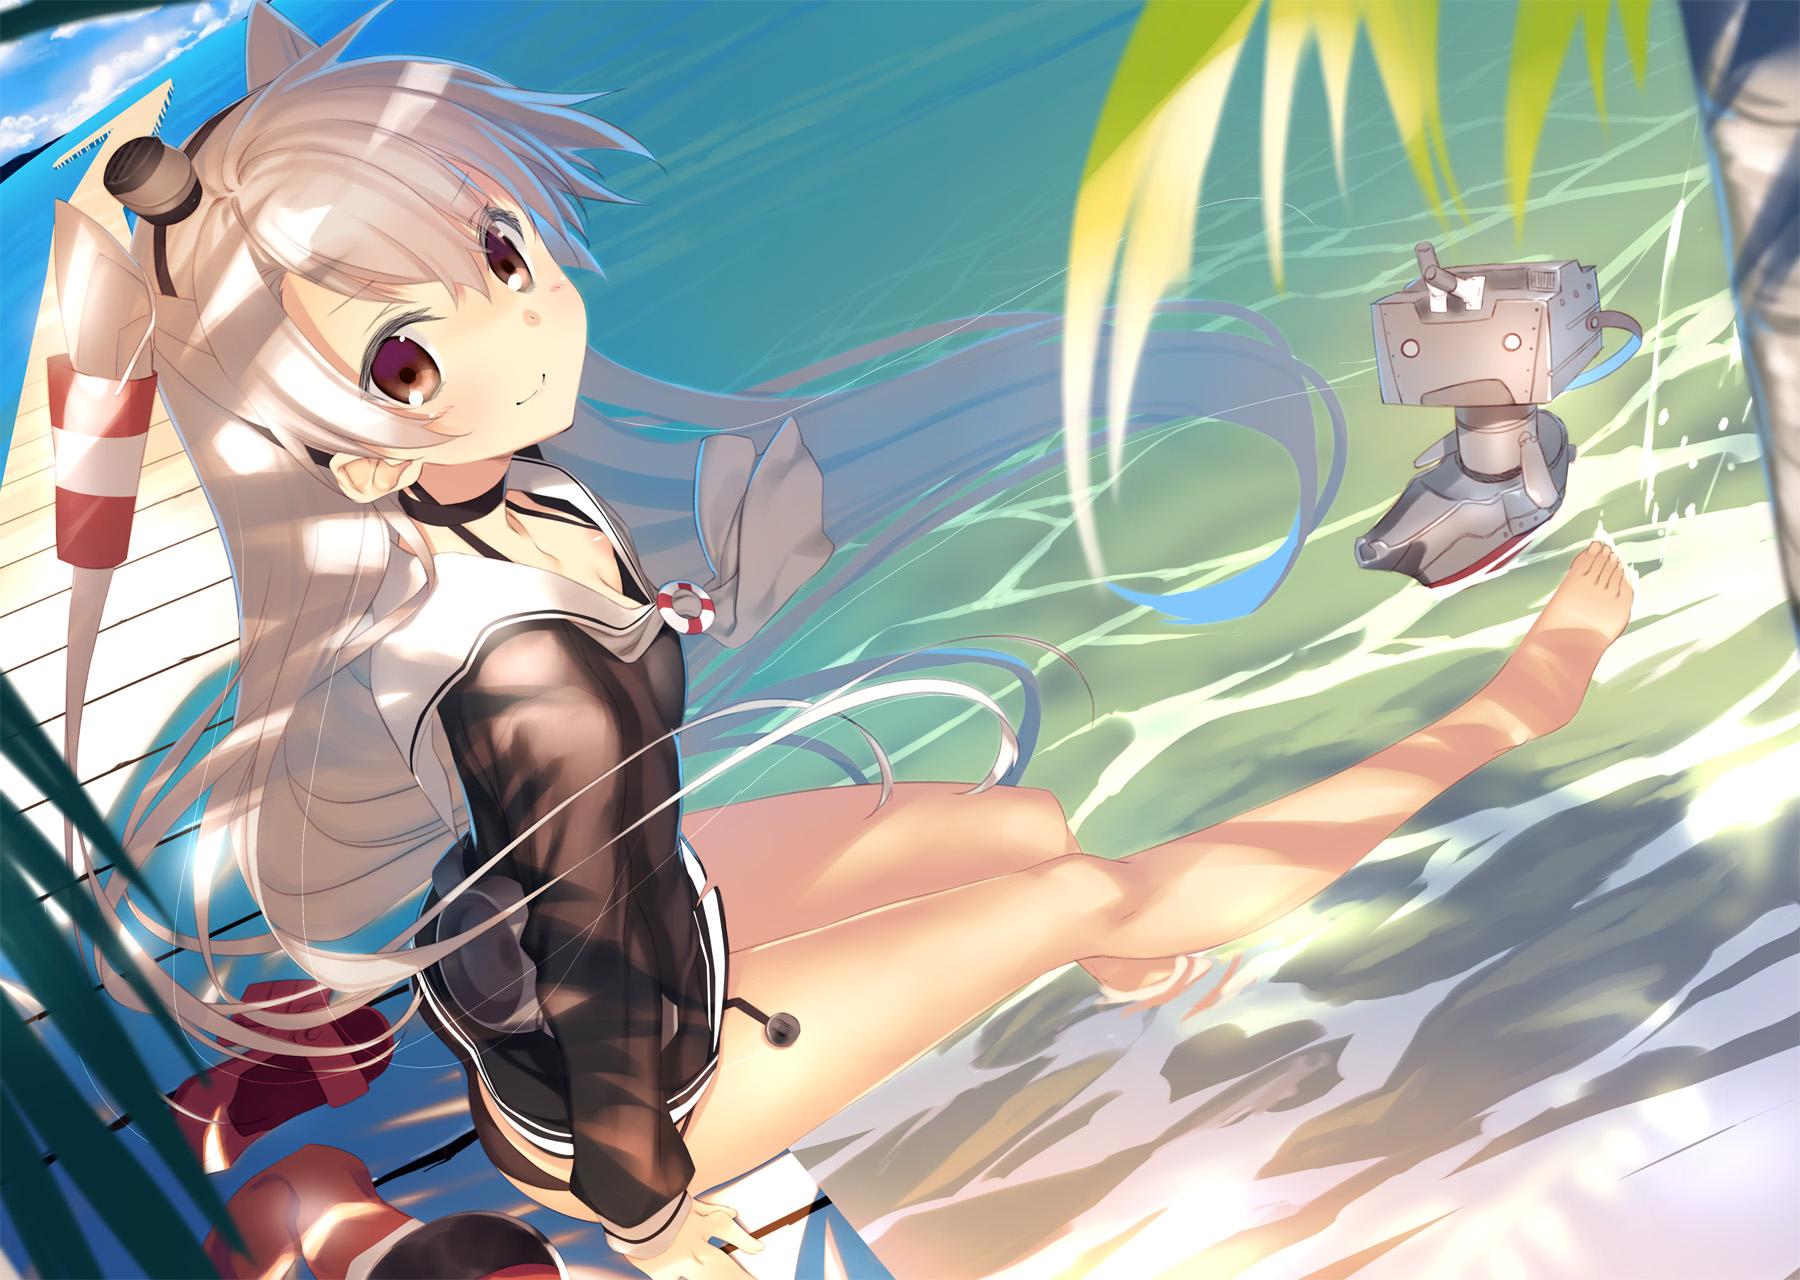 anime_wallpaper_Kantai_Collection_amatsukaze_107450-45154791.jpg